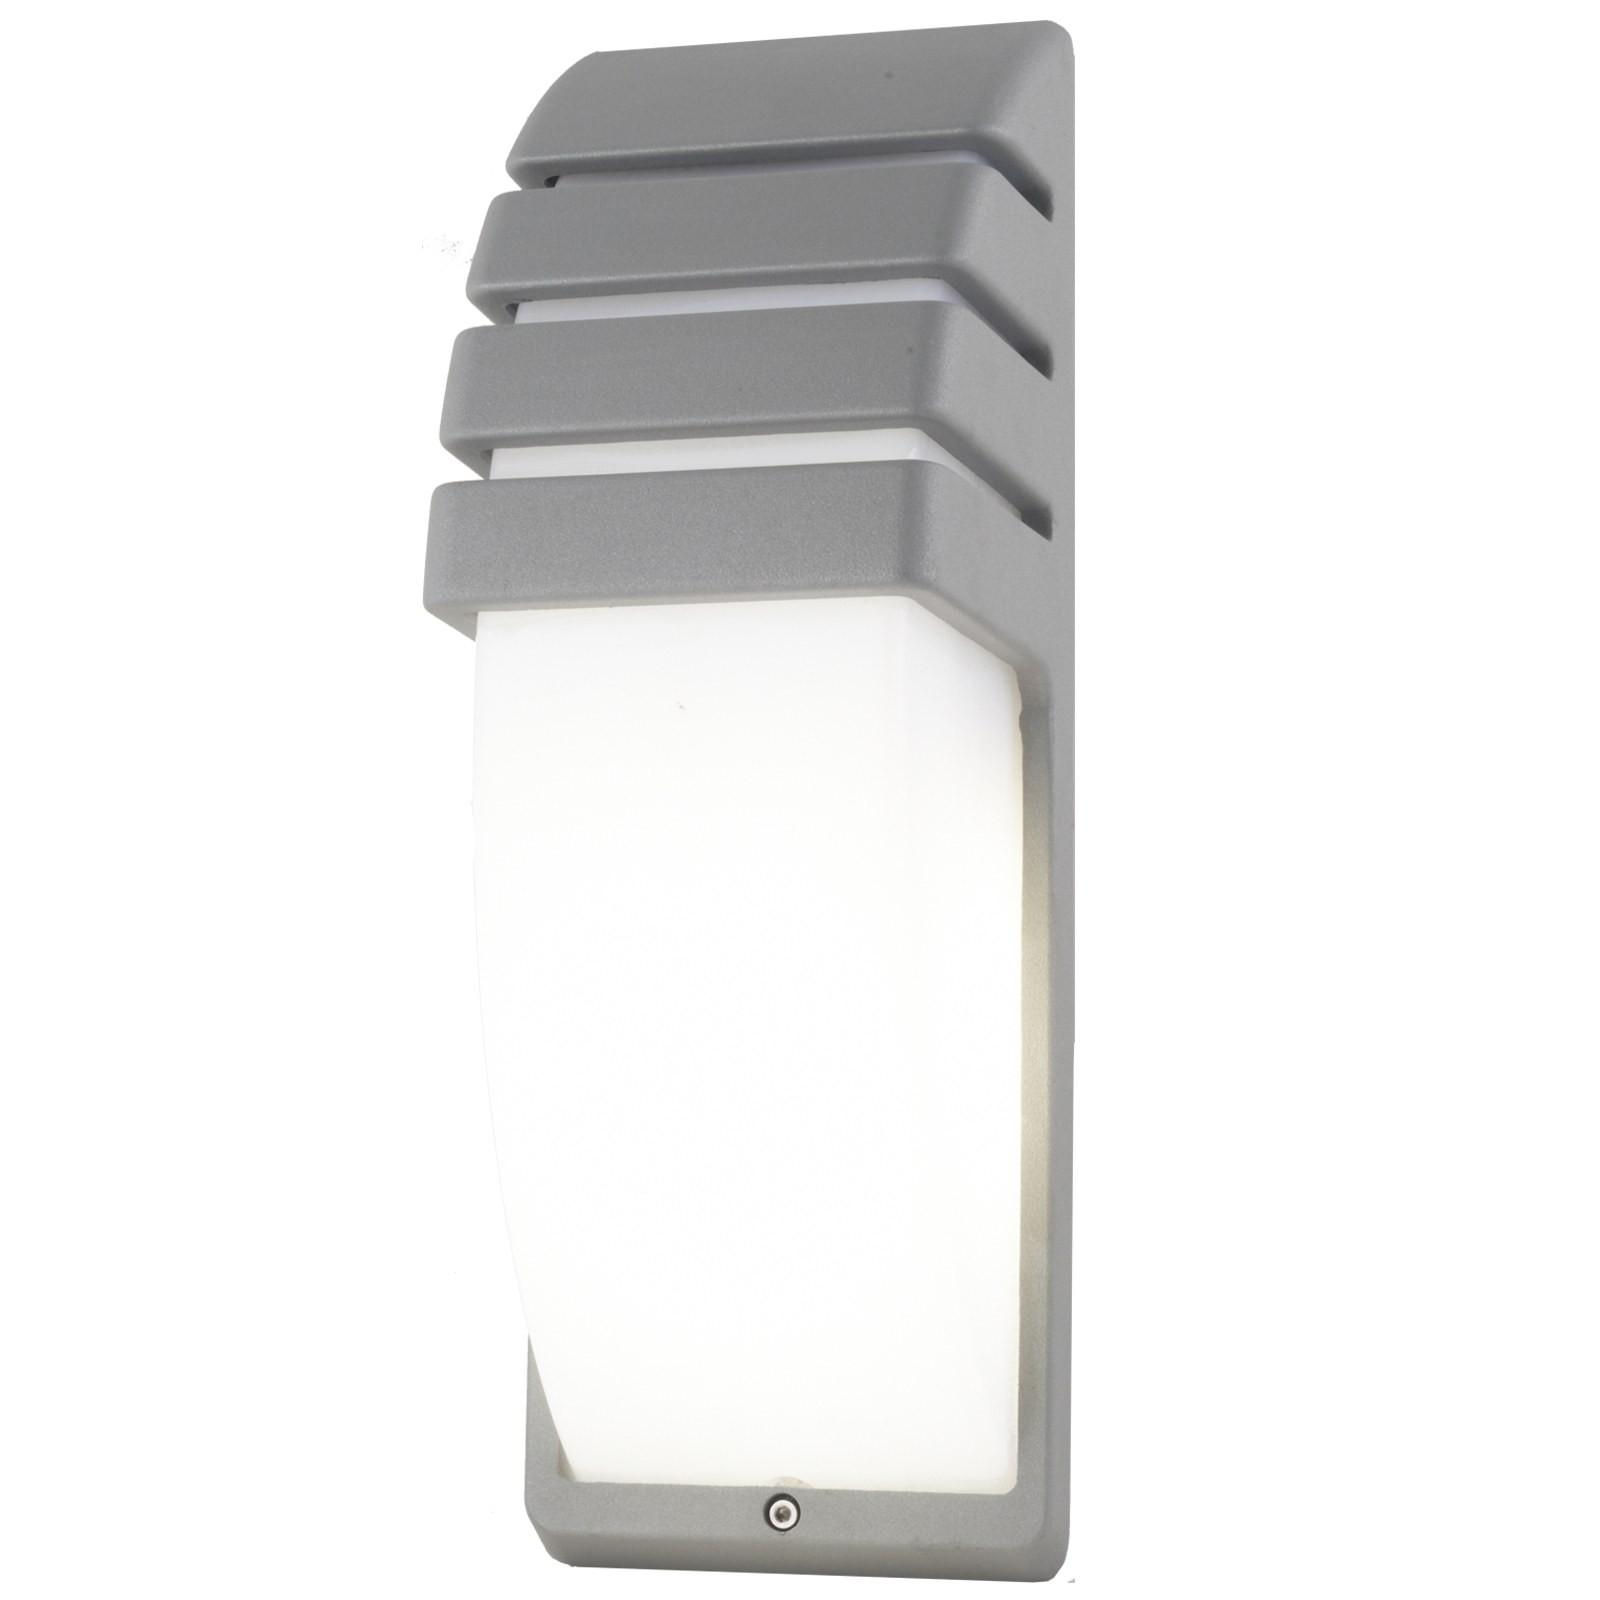 Plafoniera applique lampada led design a parete light in alluminio esterno e27 area illumina - Lampade da esterno da parete ...